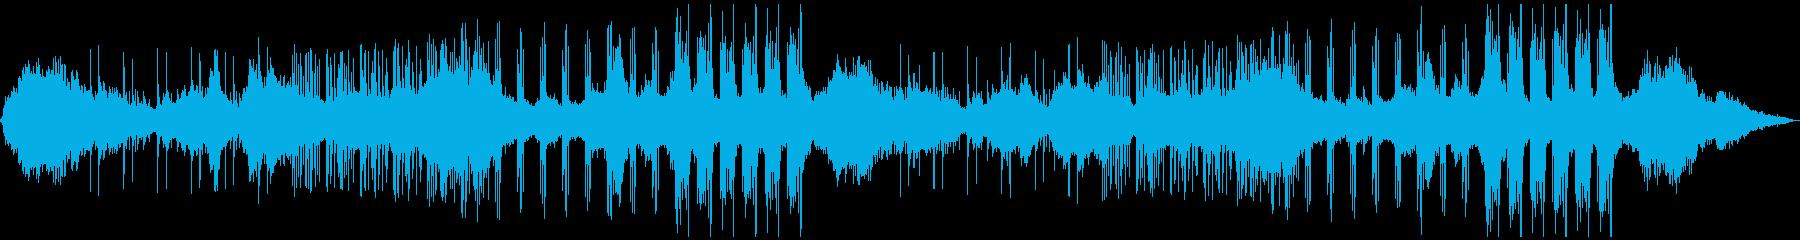 ドローンアンビエント+ドラムの再生済みの波形